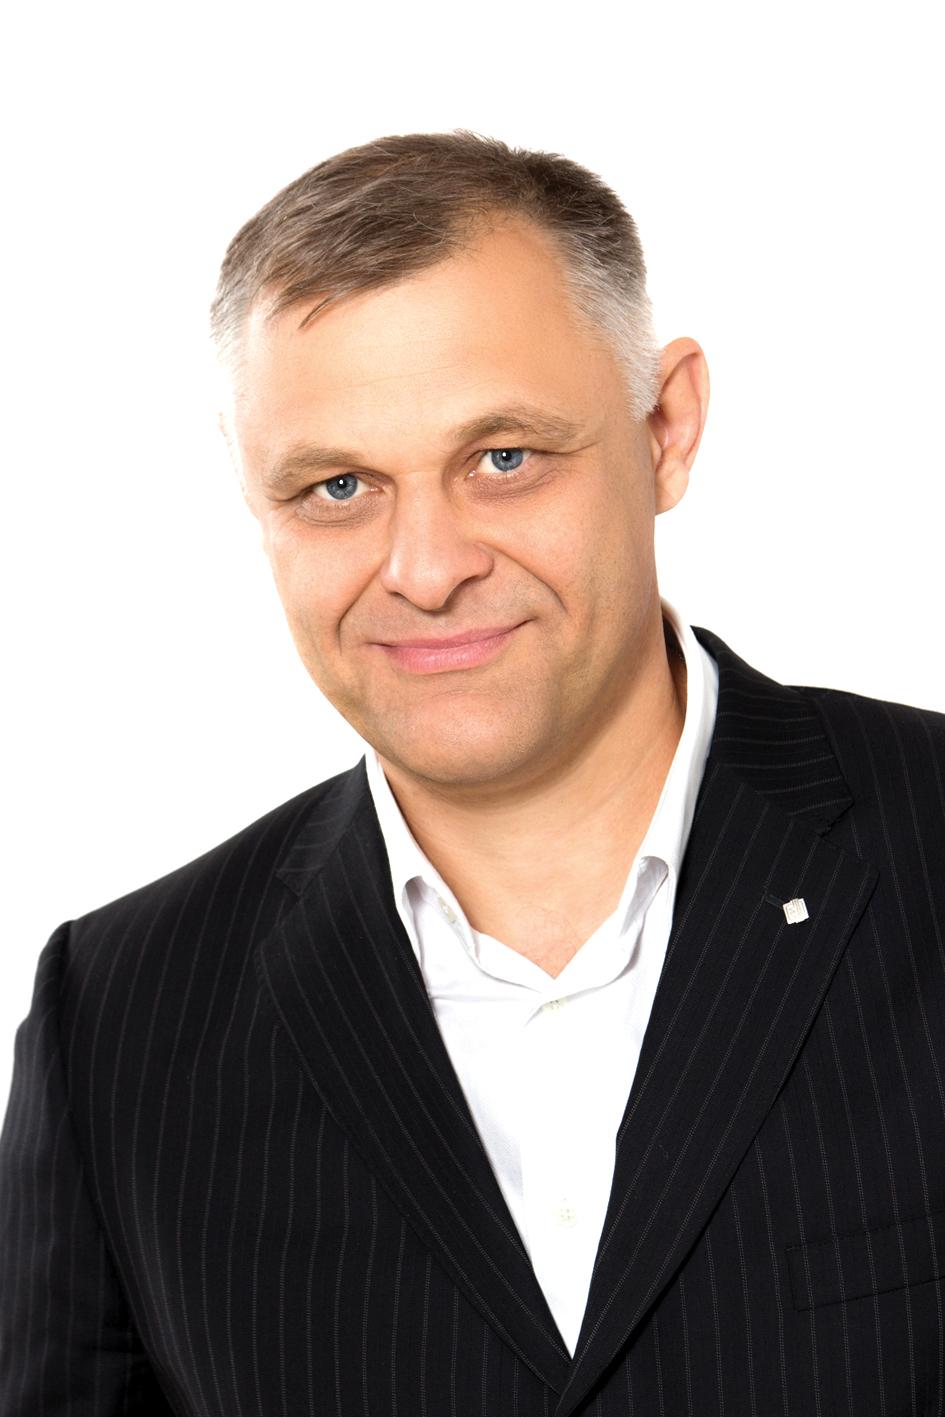 Михаил Павлюк, генеральный директор АО «ПКК Миландр»